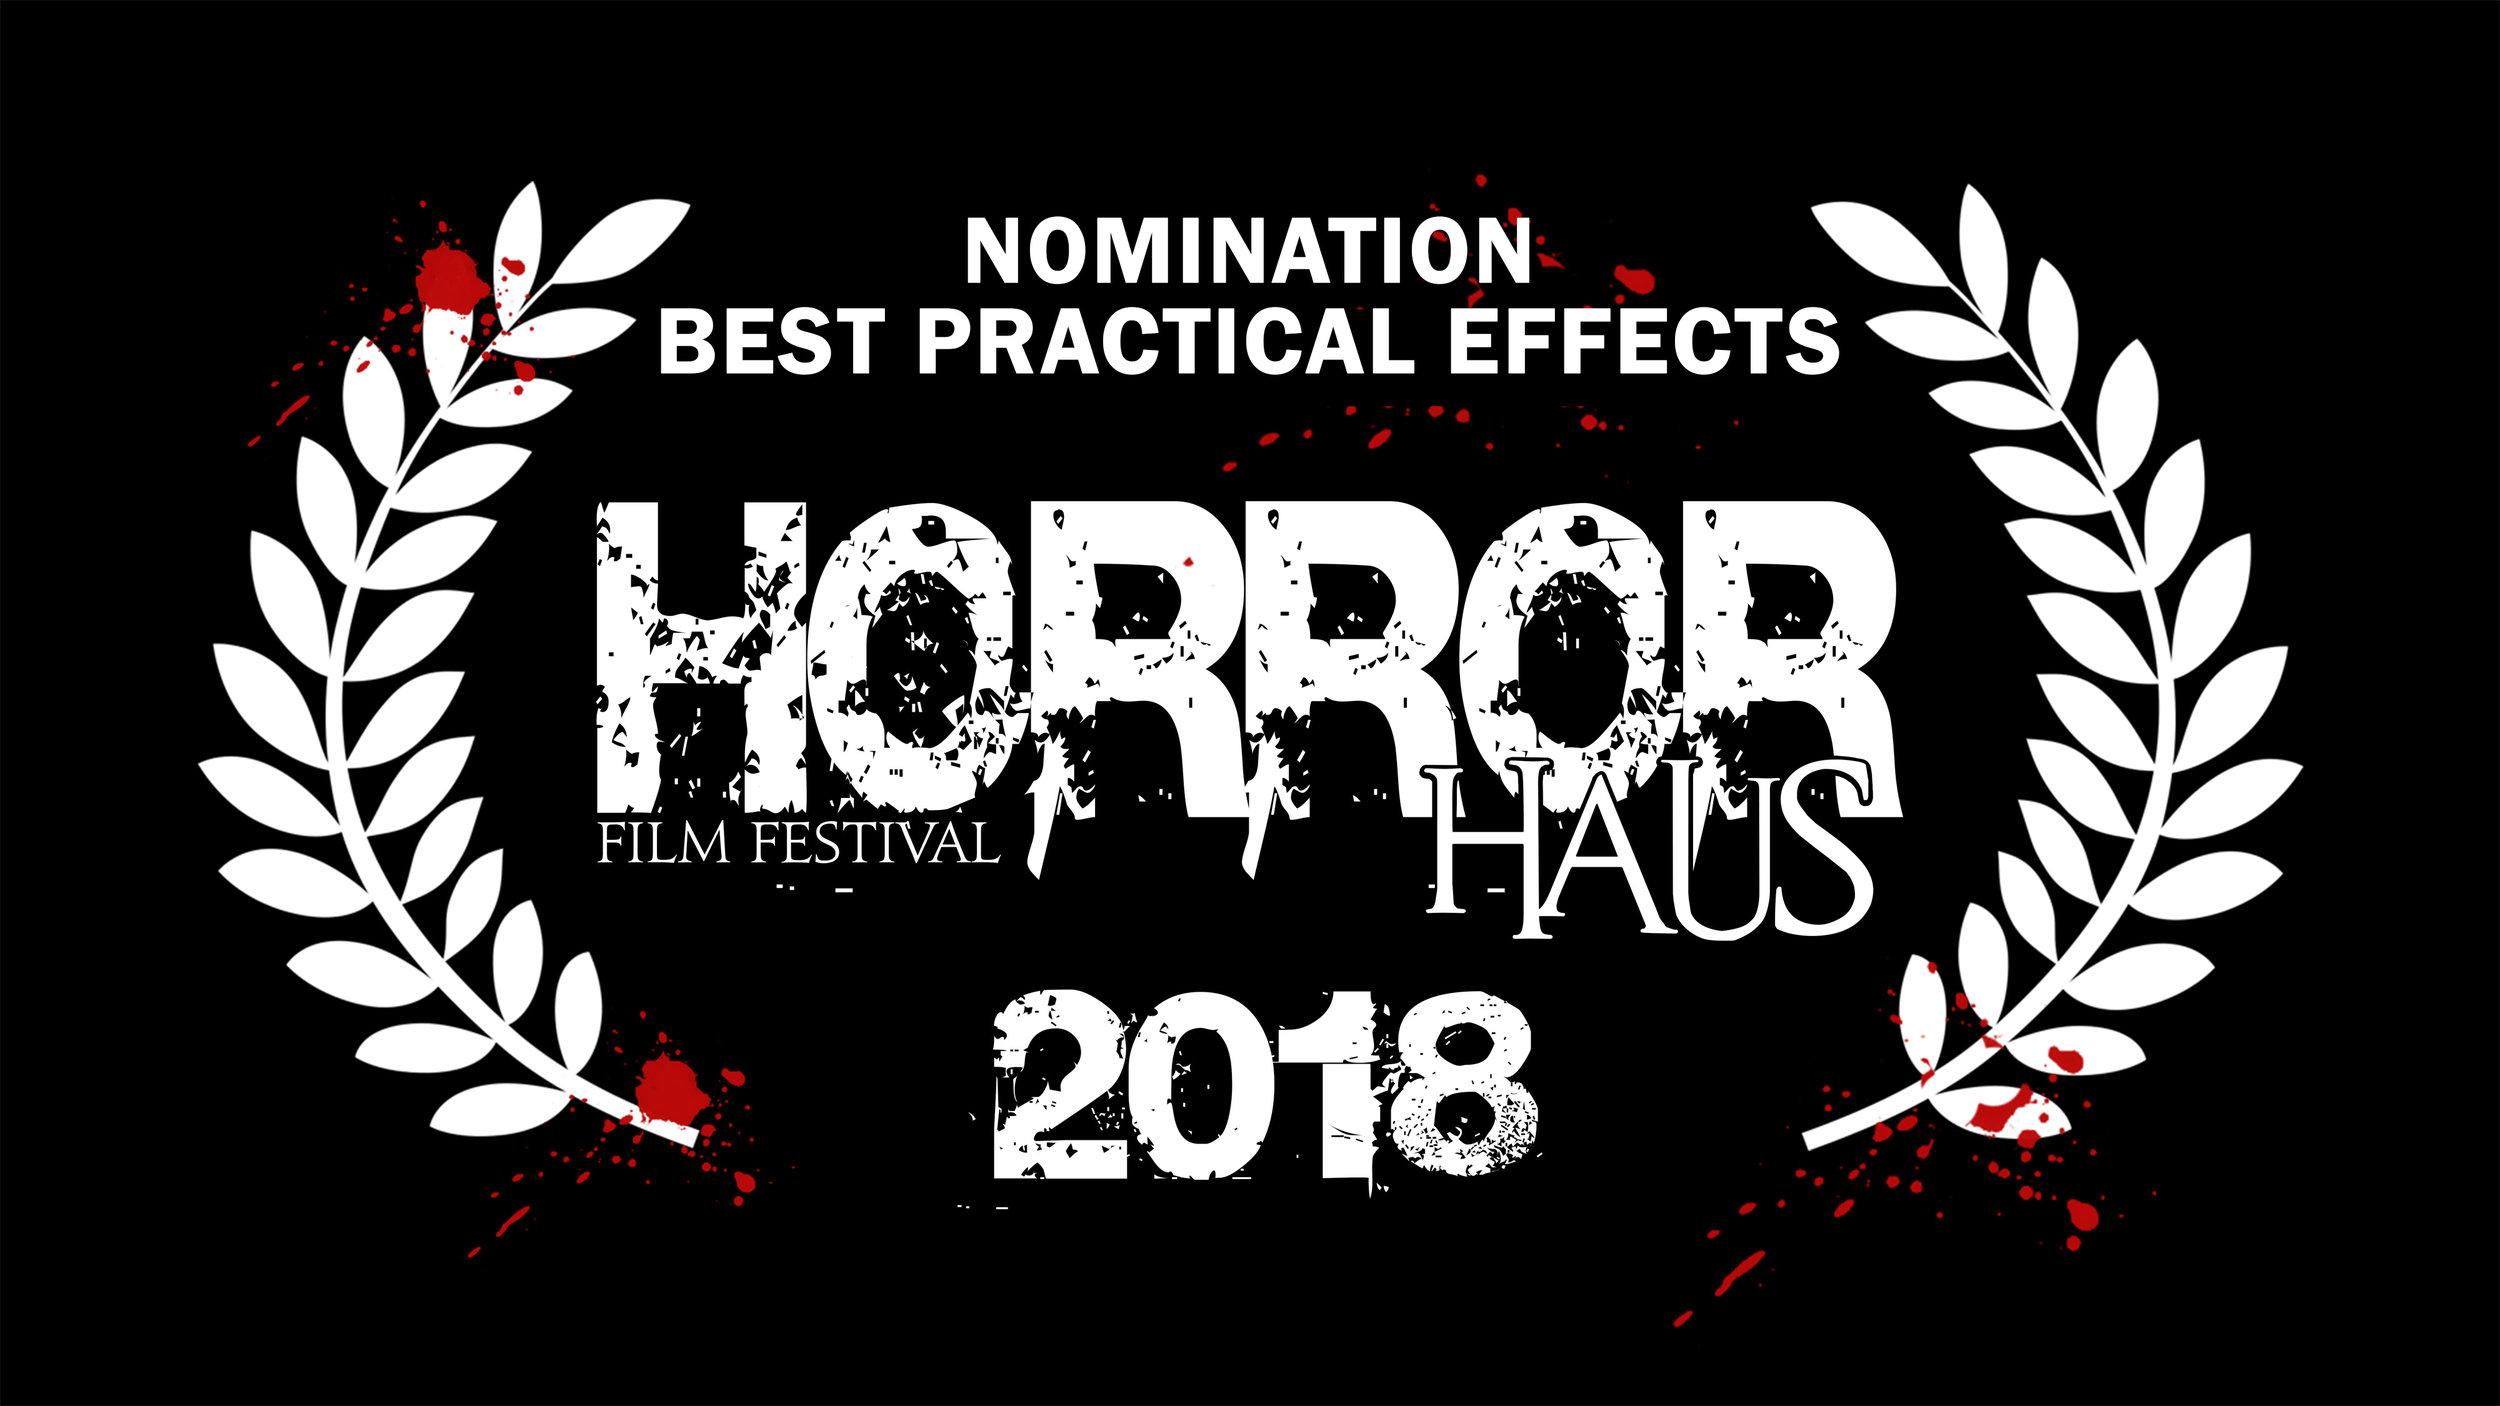 HHFF_Laurel_White_2018 best practical effects nom jpeg.jpg